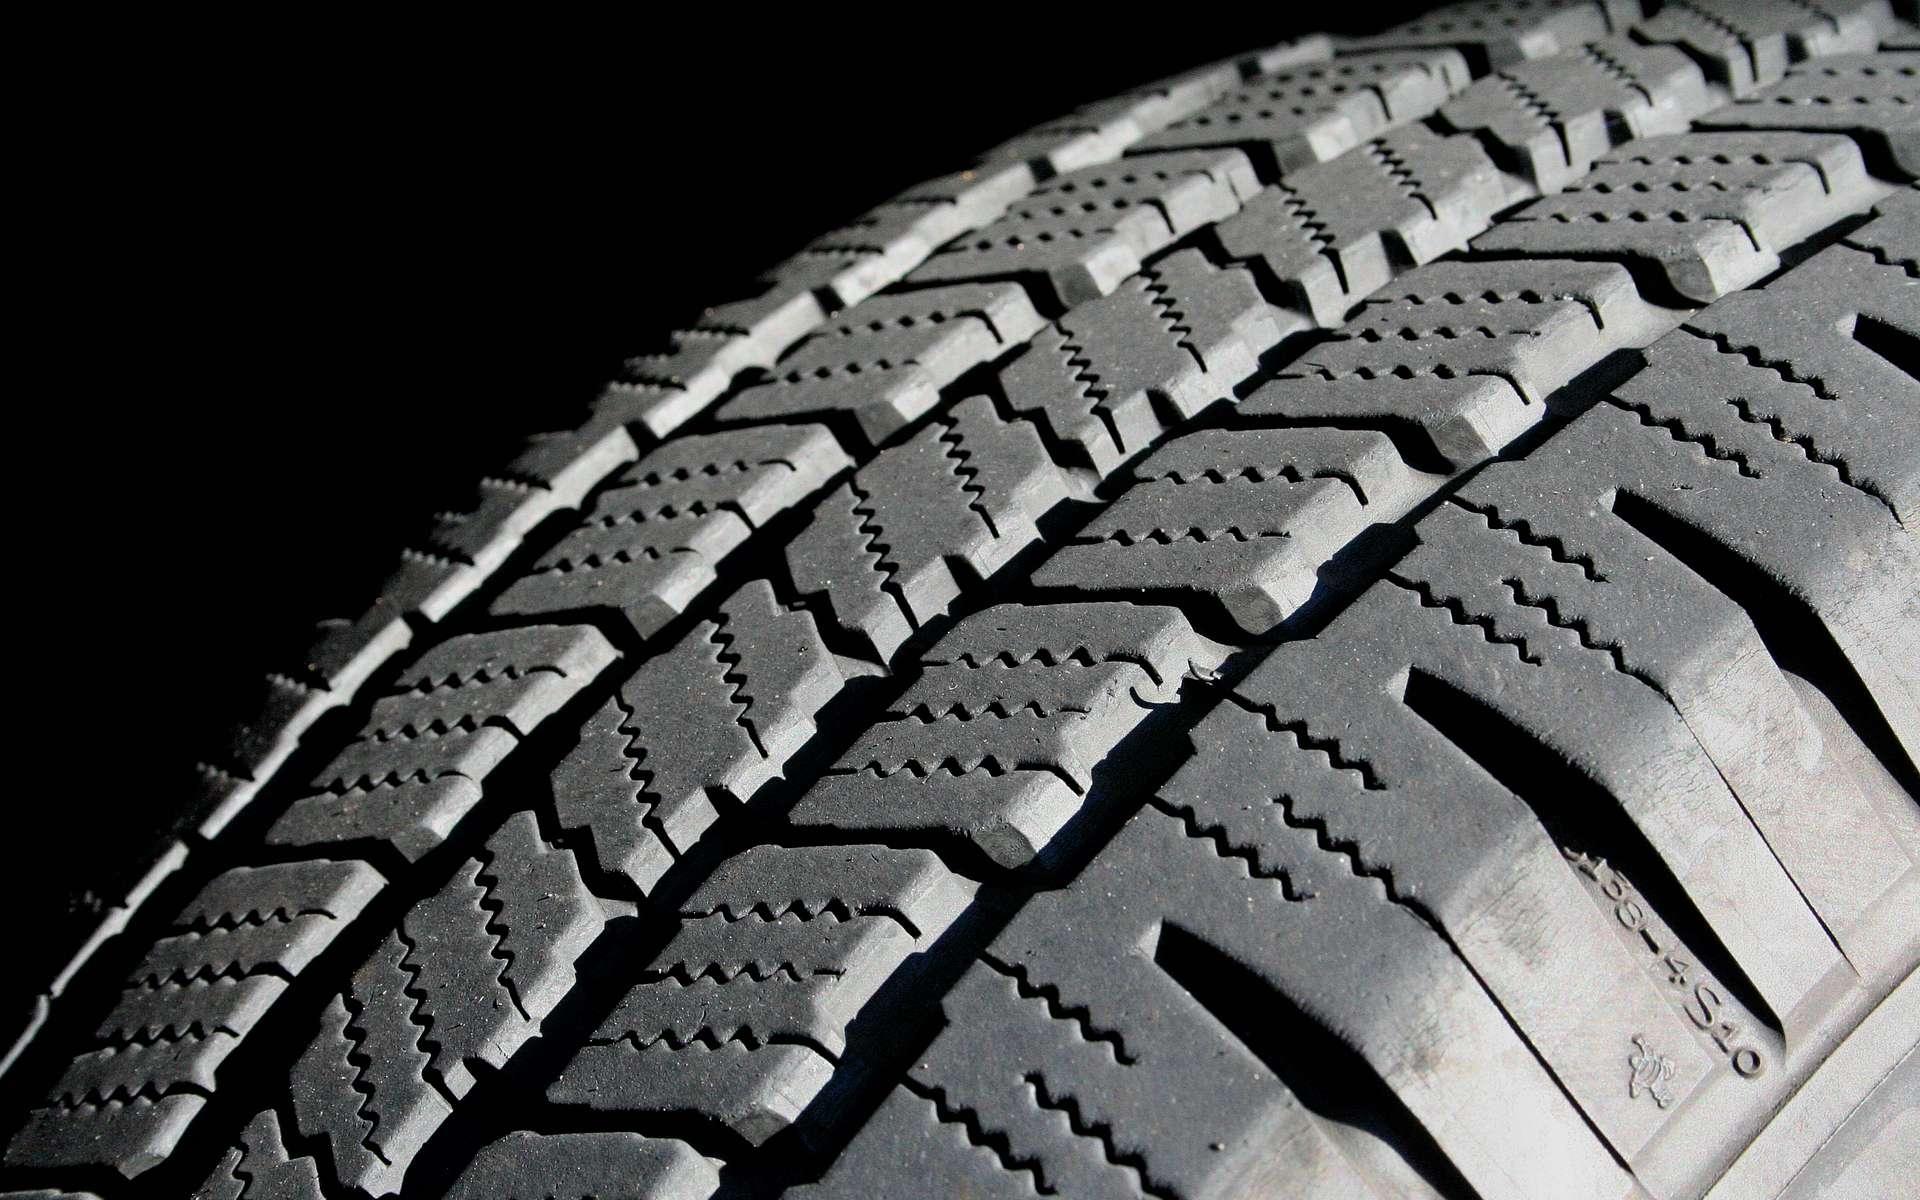 L'aventure du pneumatique démarre avec Dunlop. Le pneu a trois zones. La zone sommet est en contact avec la chaussée. La zone flanc supporte les tours de roues et les chocs. La zone basse transmet les couples entre le pneu et la roue et permet l'accroche à la jante. © Scott Robinson, CC BY-SA 3.0, Wikimédia Commons